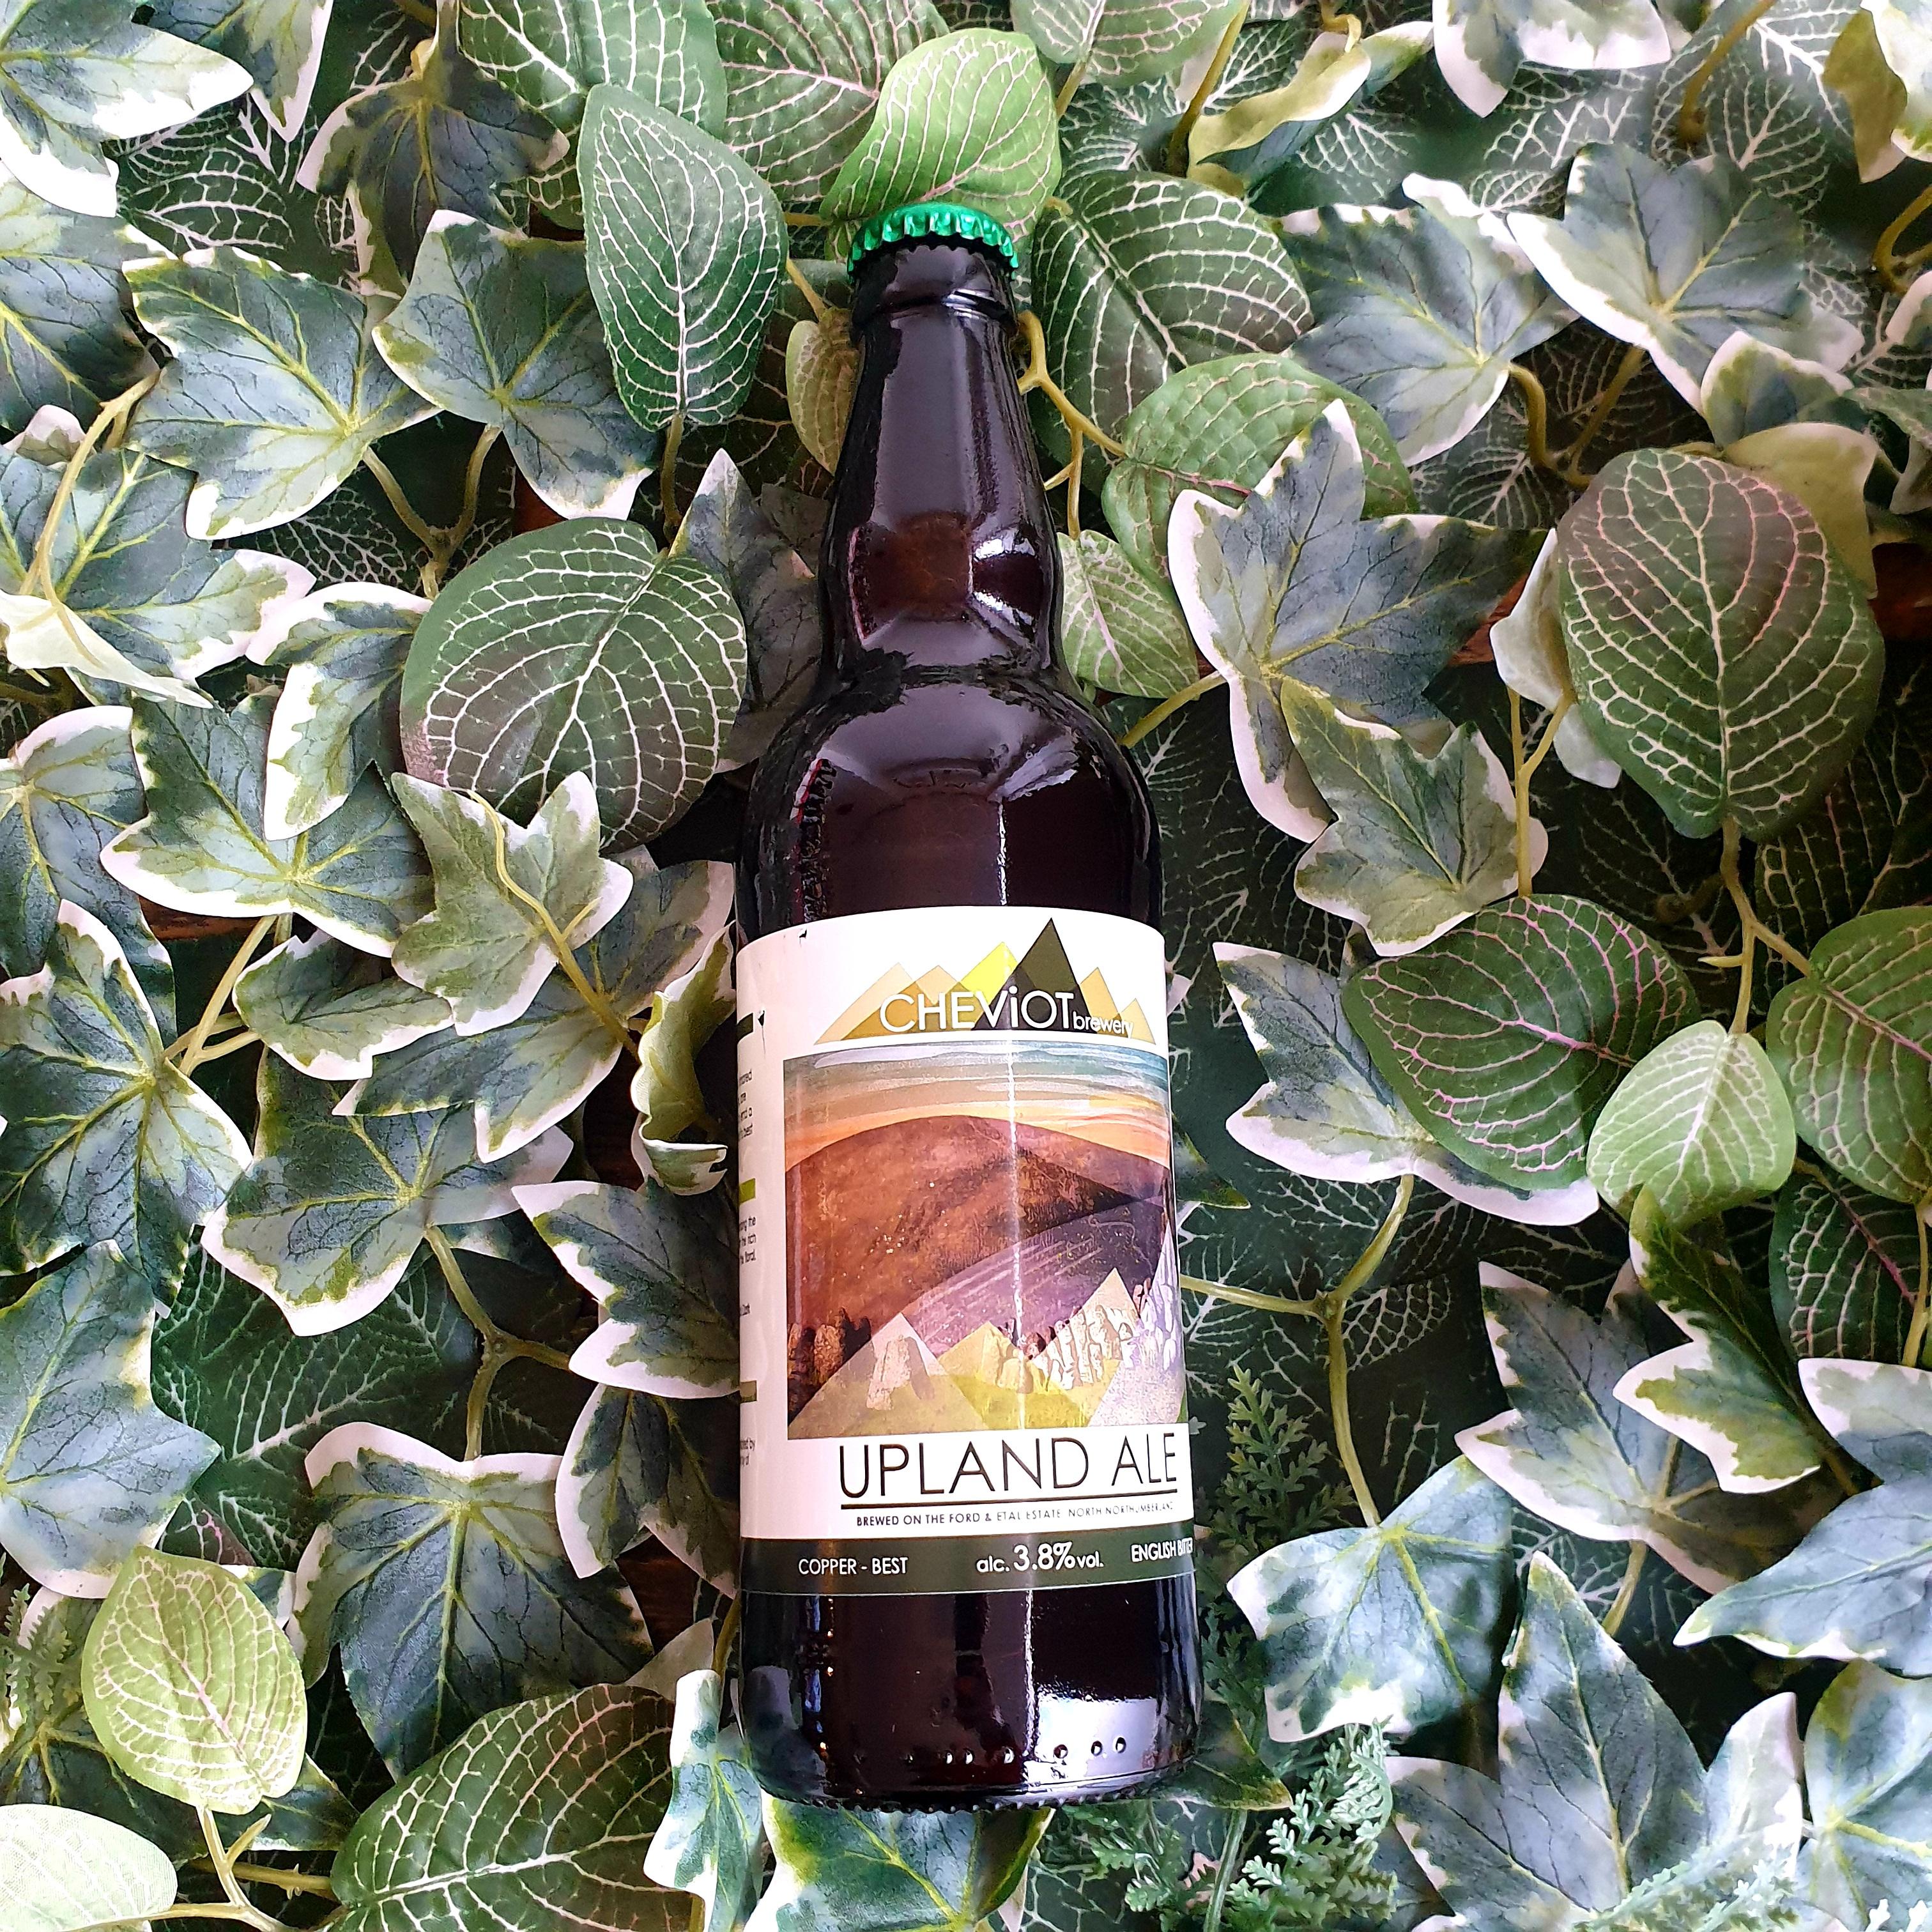 Cheviot - Upland Ale 3.8%